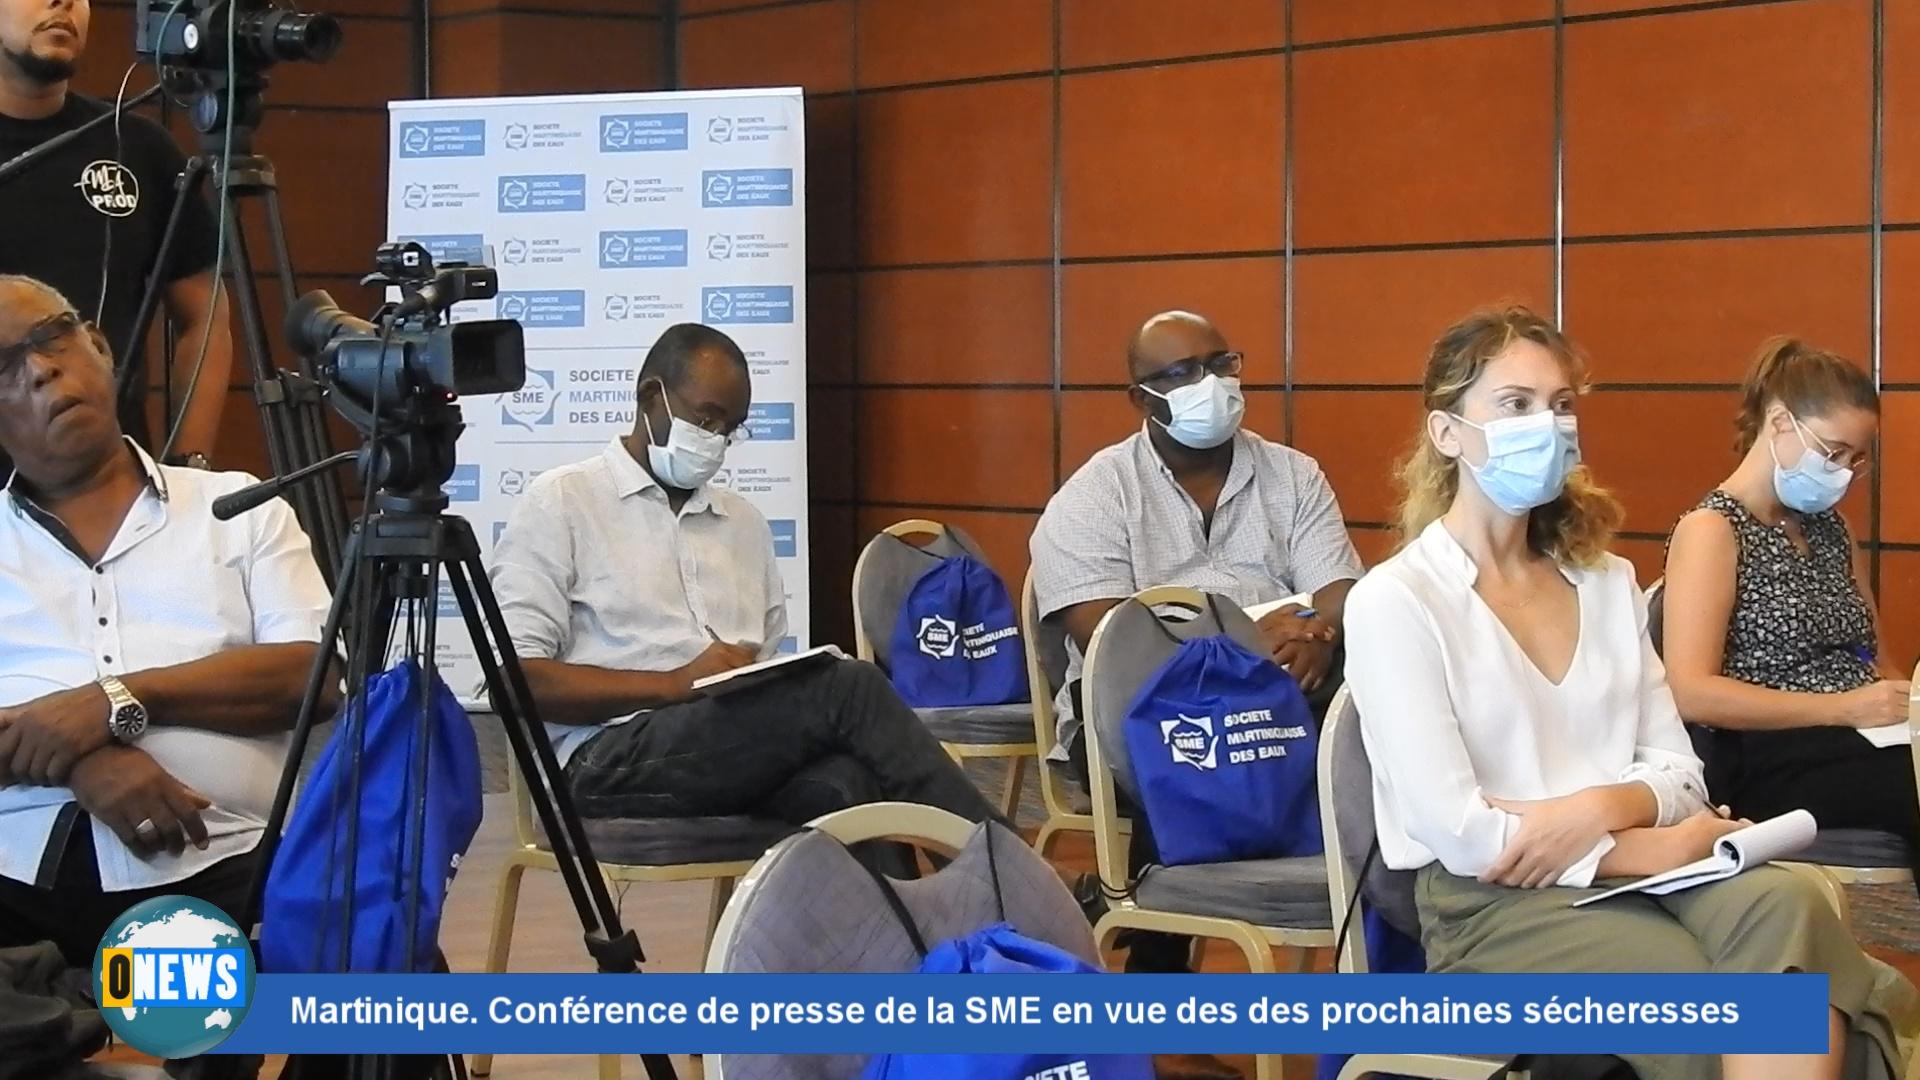 [Vidéo] Martinique. Conférence de presse de la SME en vue des des prochaines sécheresses